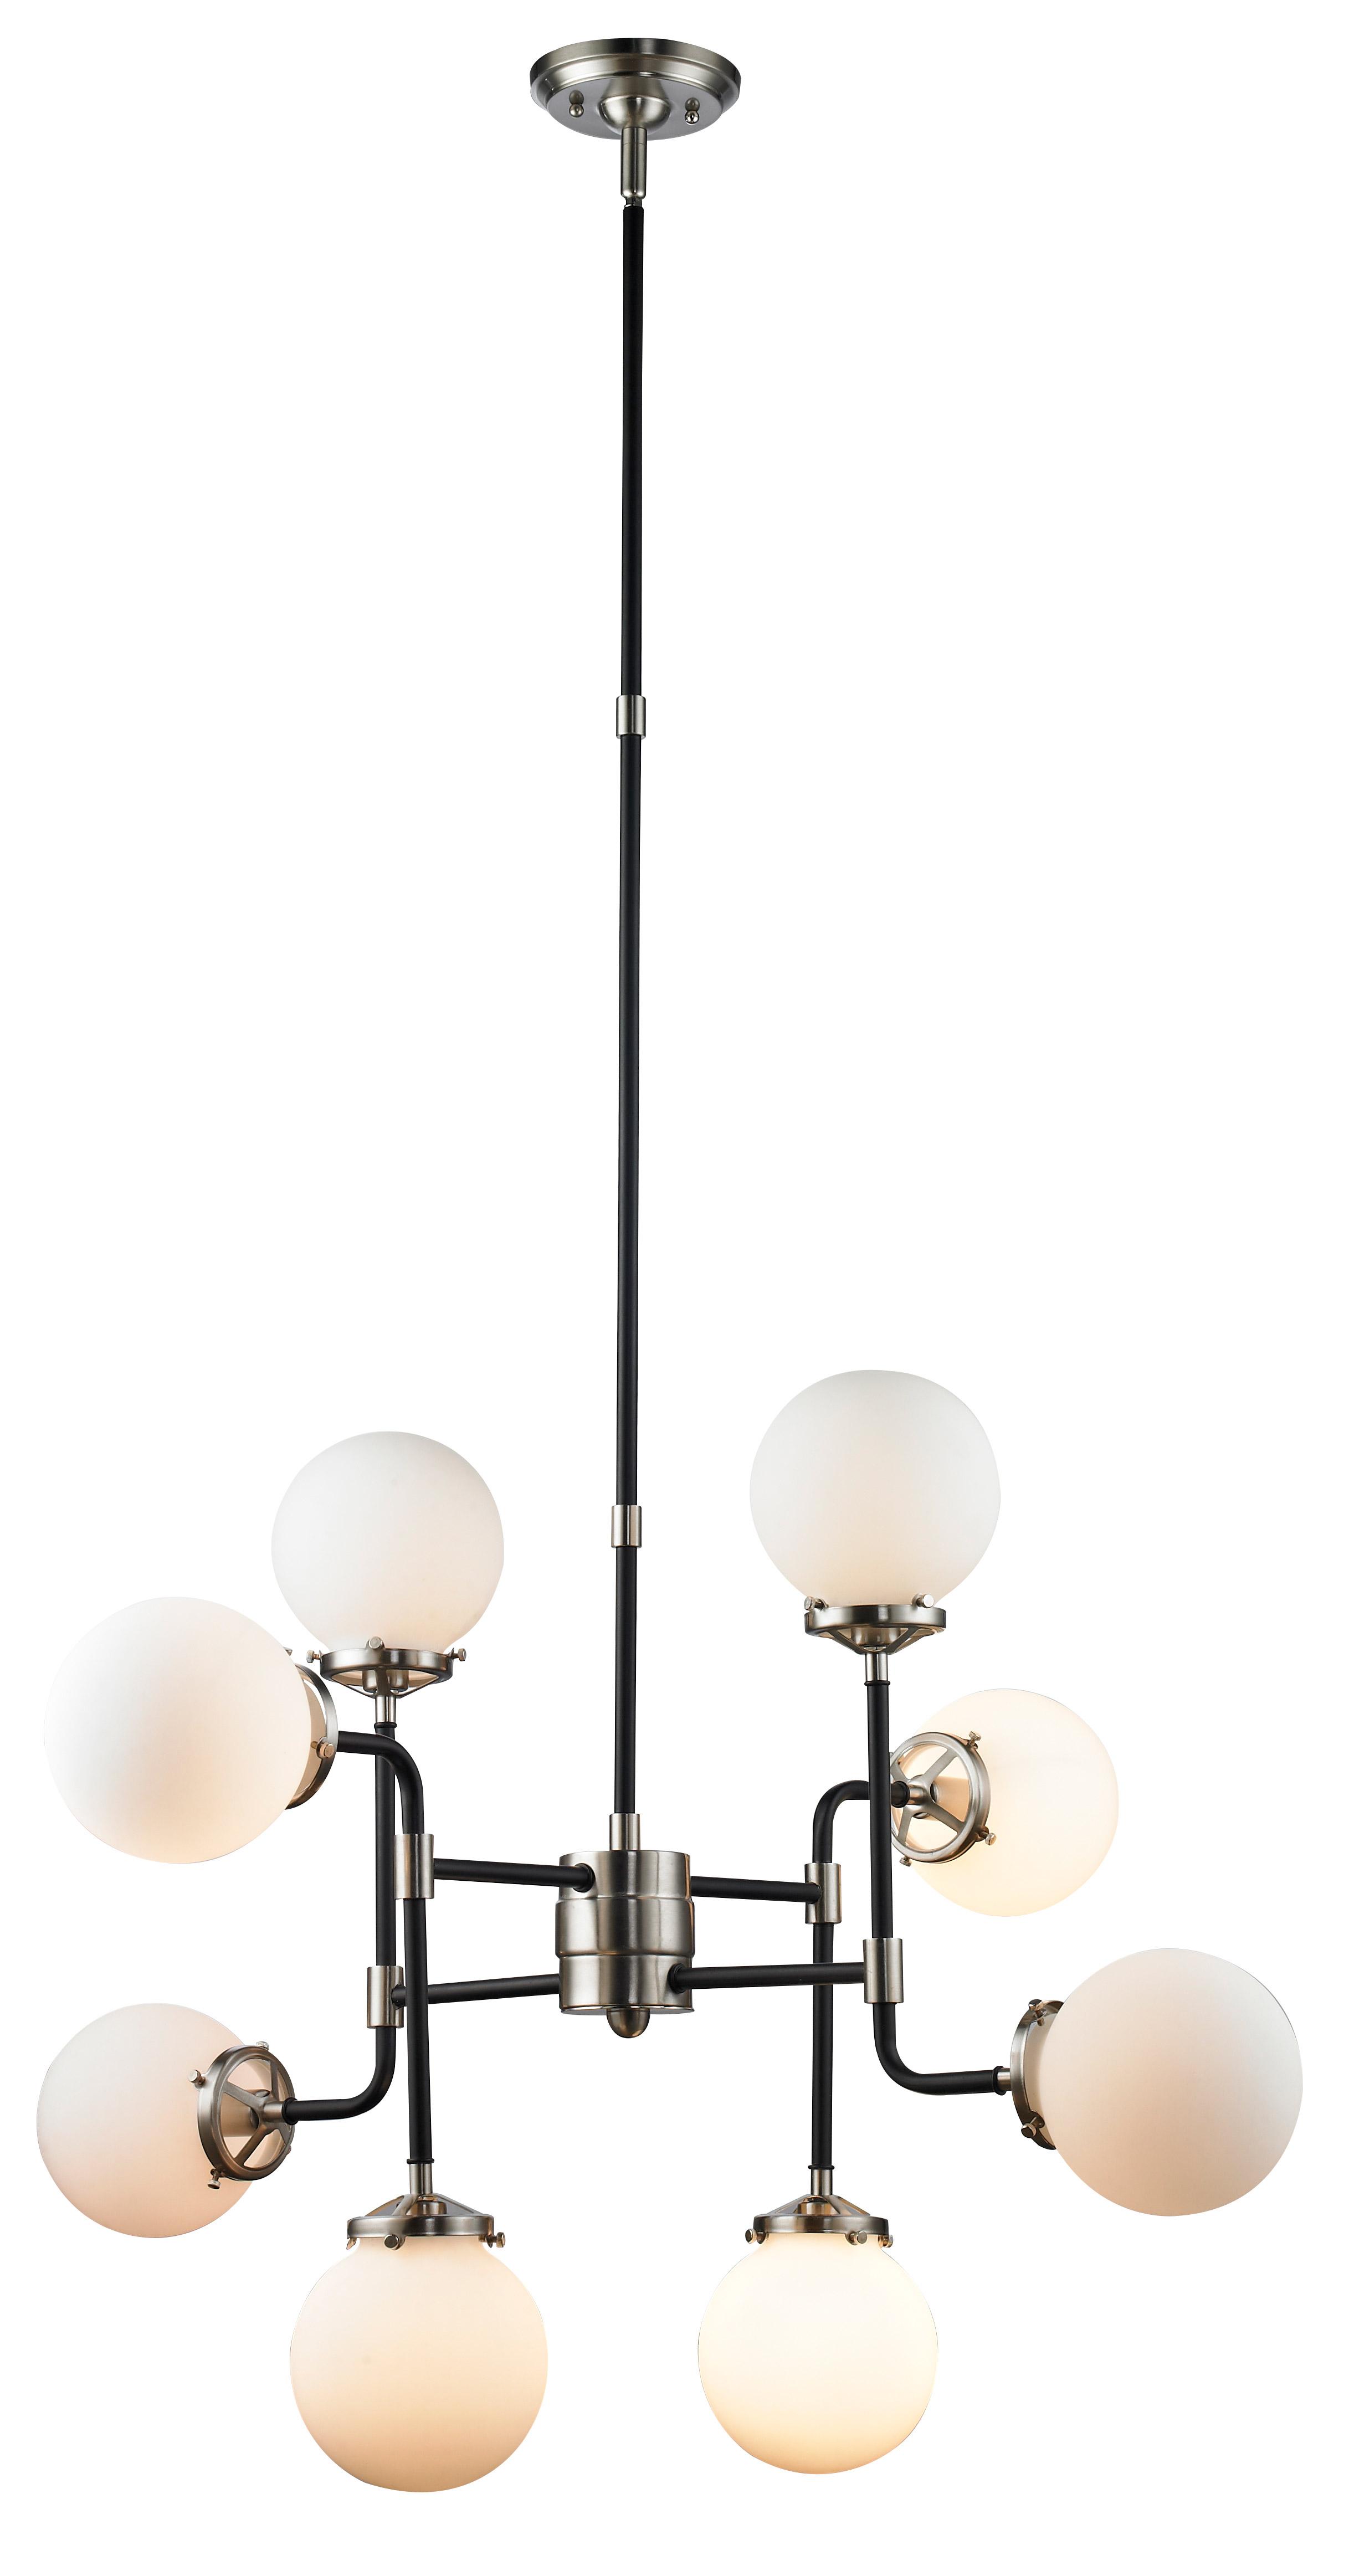 luminaire suspendu paris 3528 89. Black Bedroom Furniture Sets. Home Design Ideas